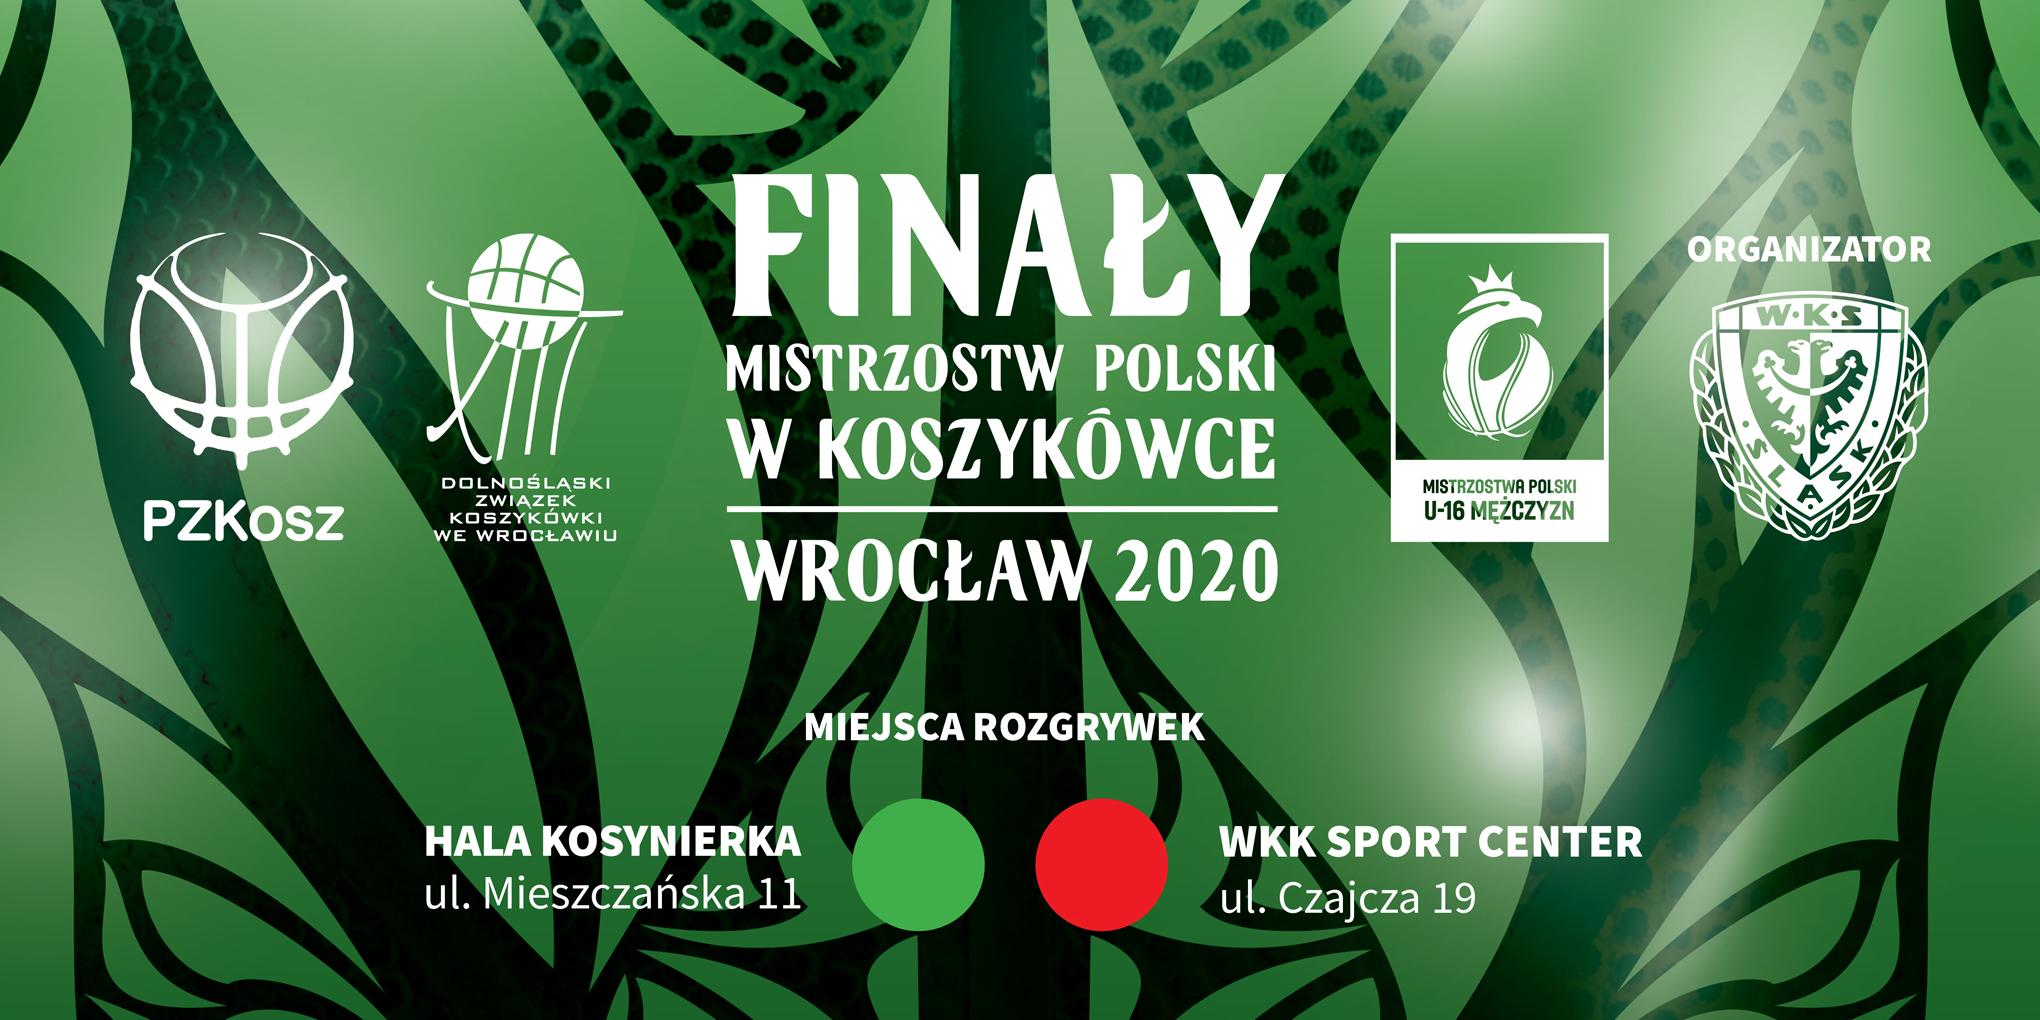 mistrzostwa-polski-u16-w-koszykowce-wroclaw-22-27-09